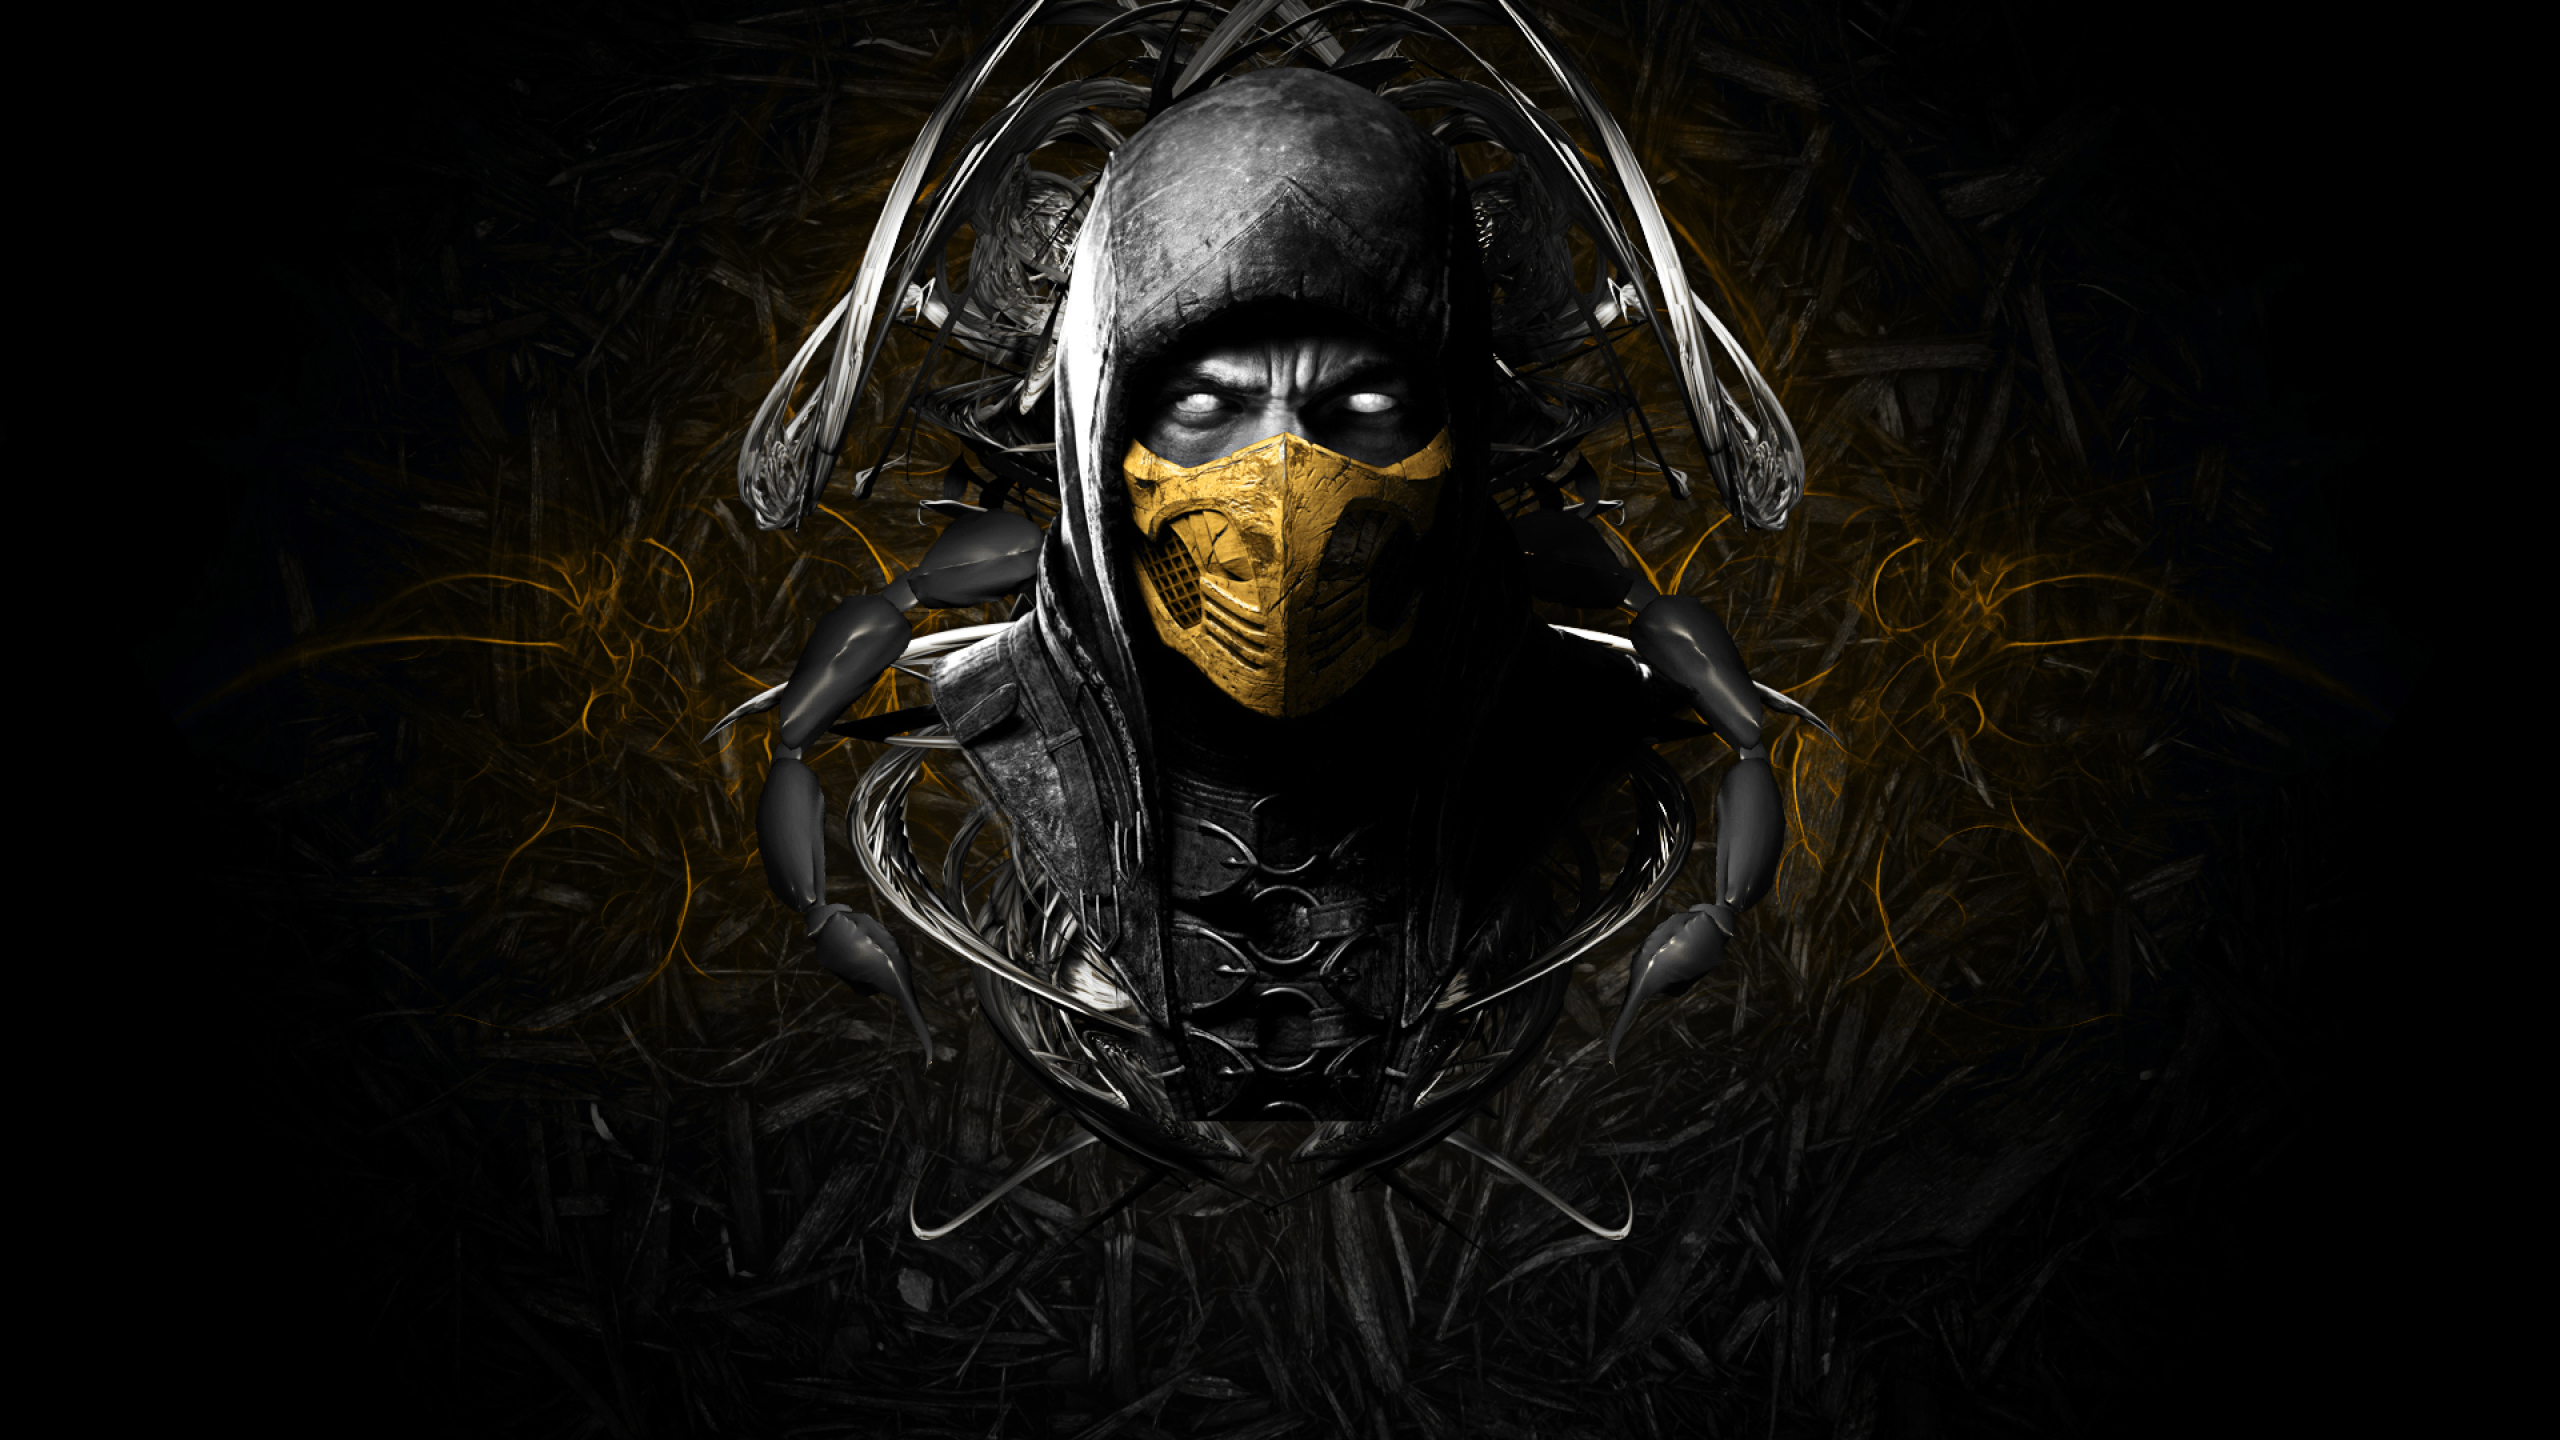 scorpion mortal kombat x wallpaper hd